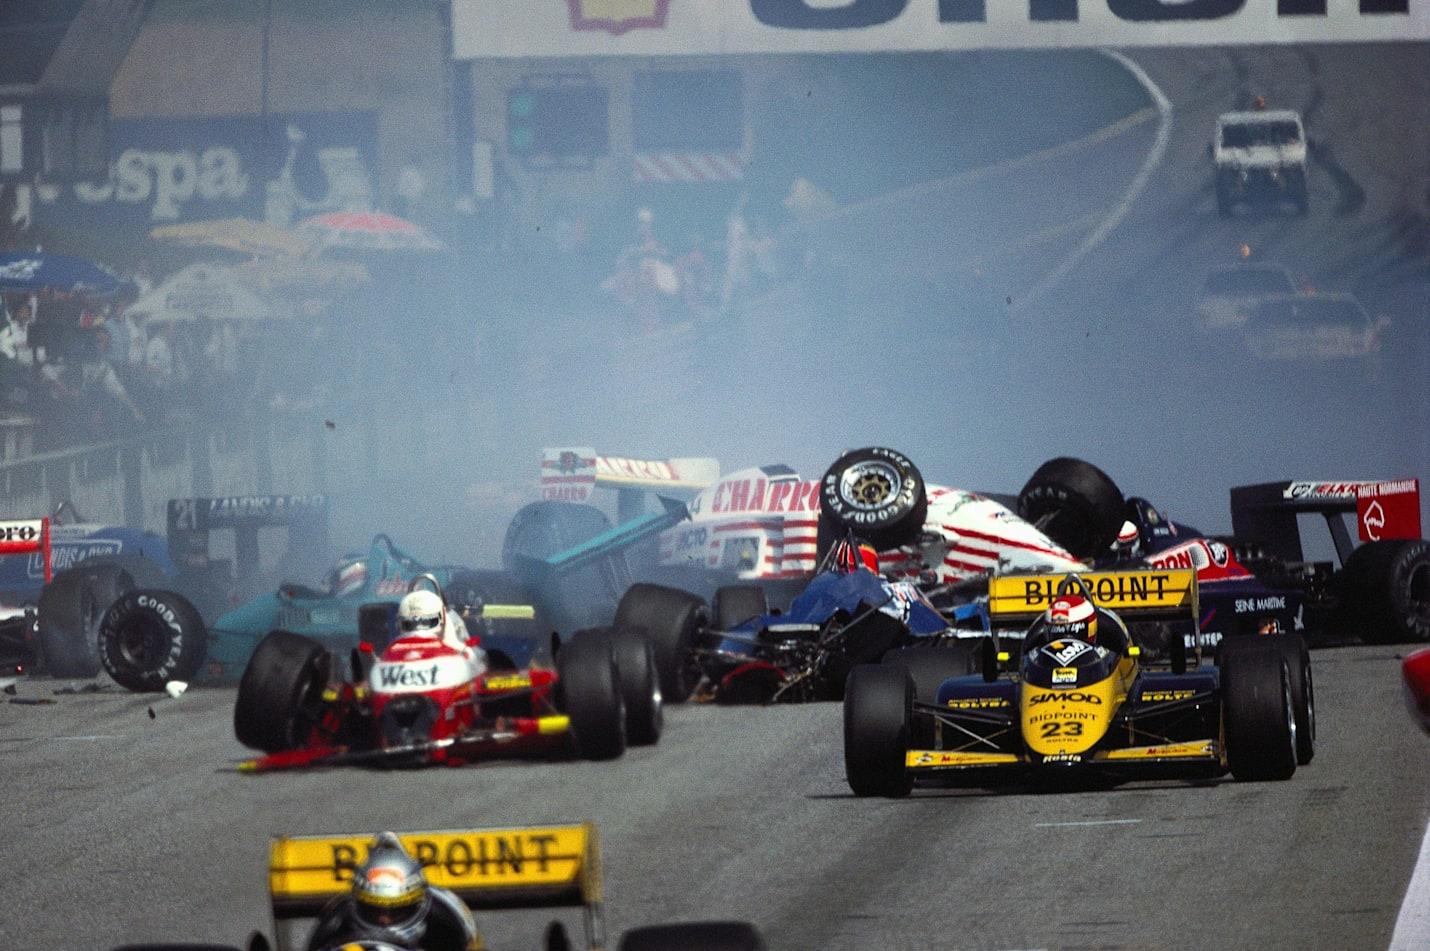 Le départ a été donné à nouveau mais le chaos persiste au Grand Prix d'Autriche de Formule 1 1987.